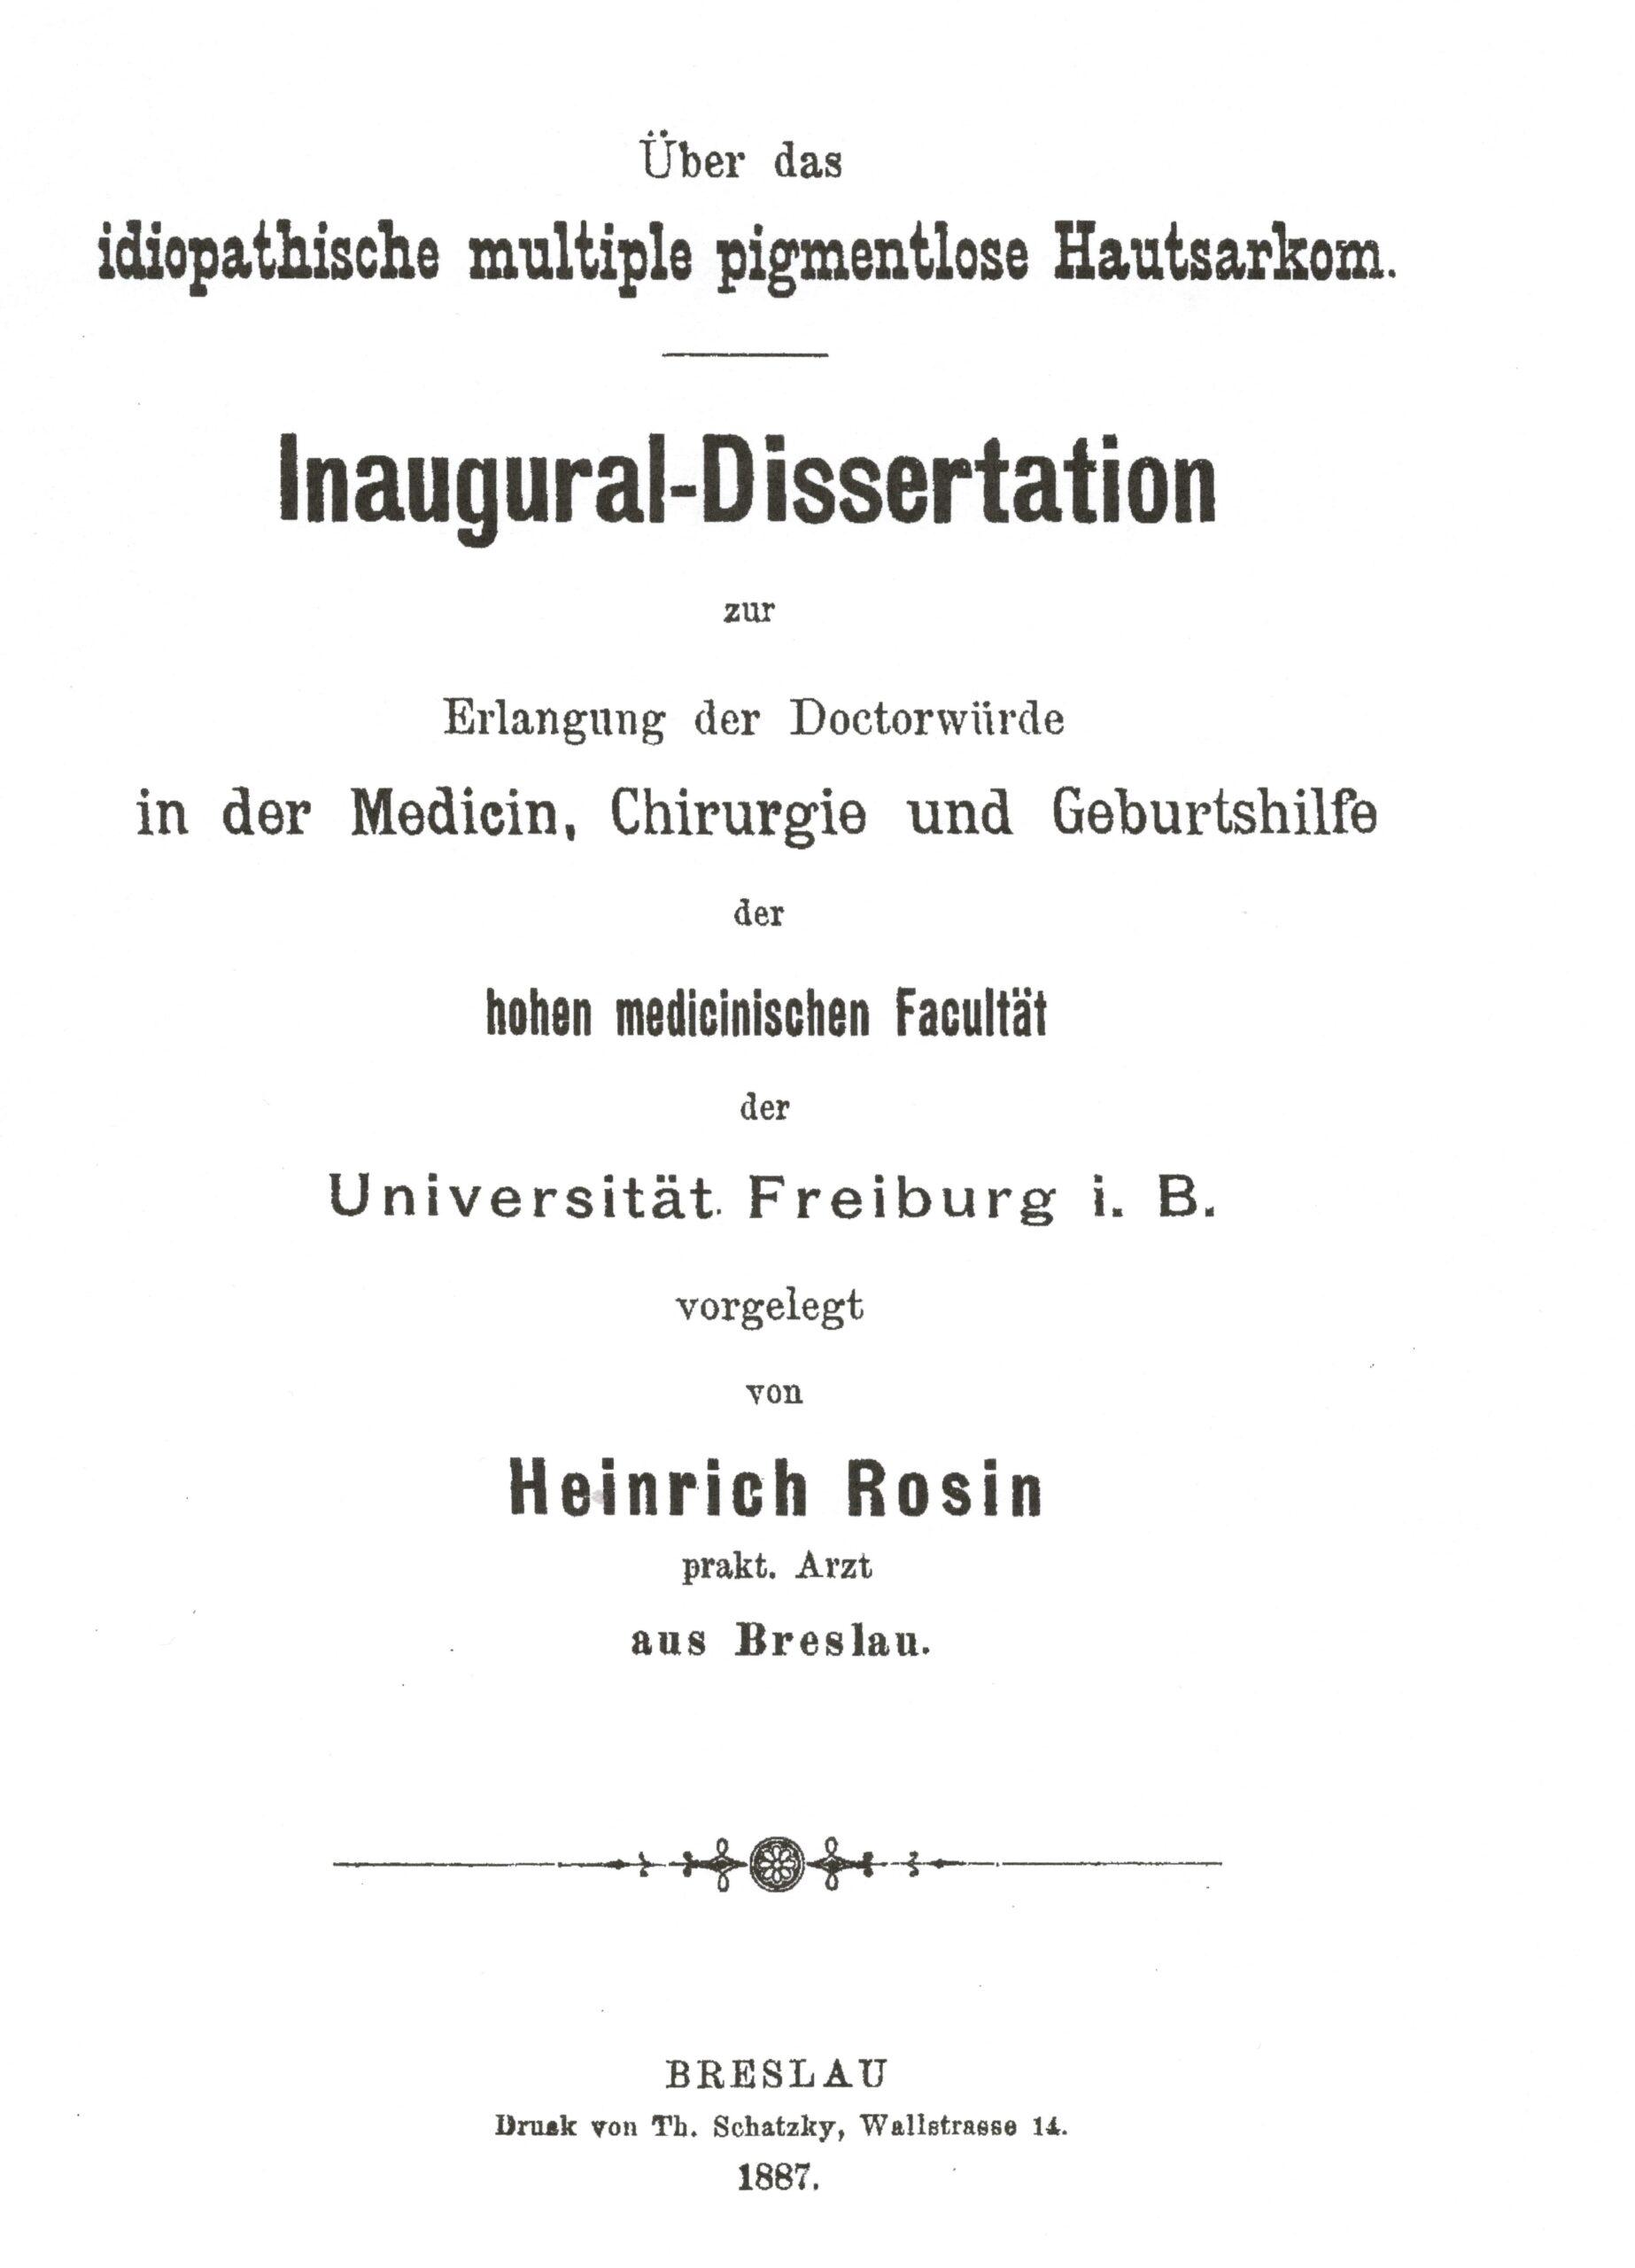 Dissertation, Freiburg 1884